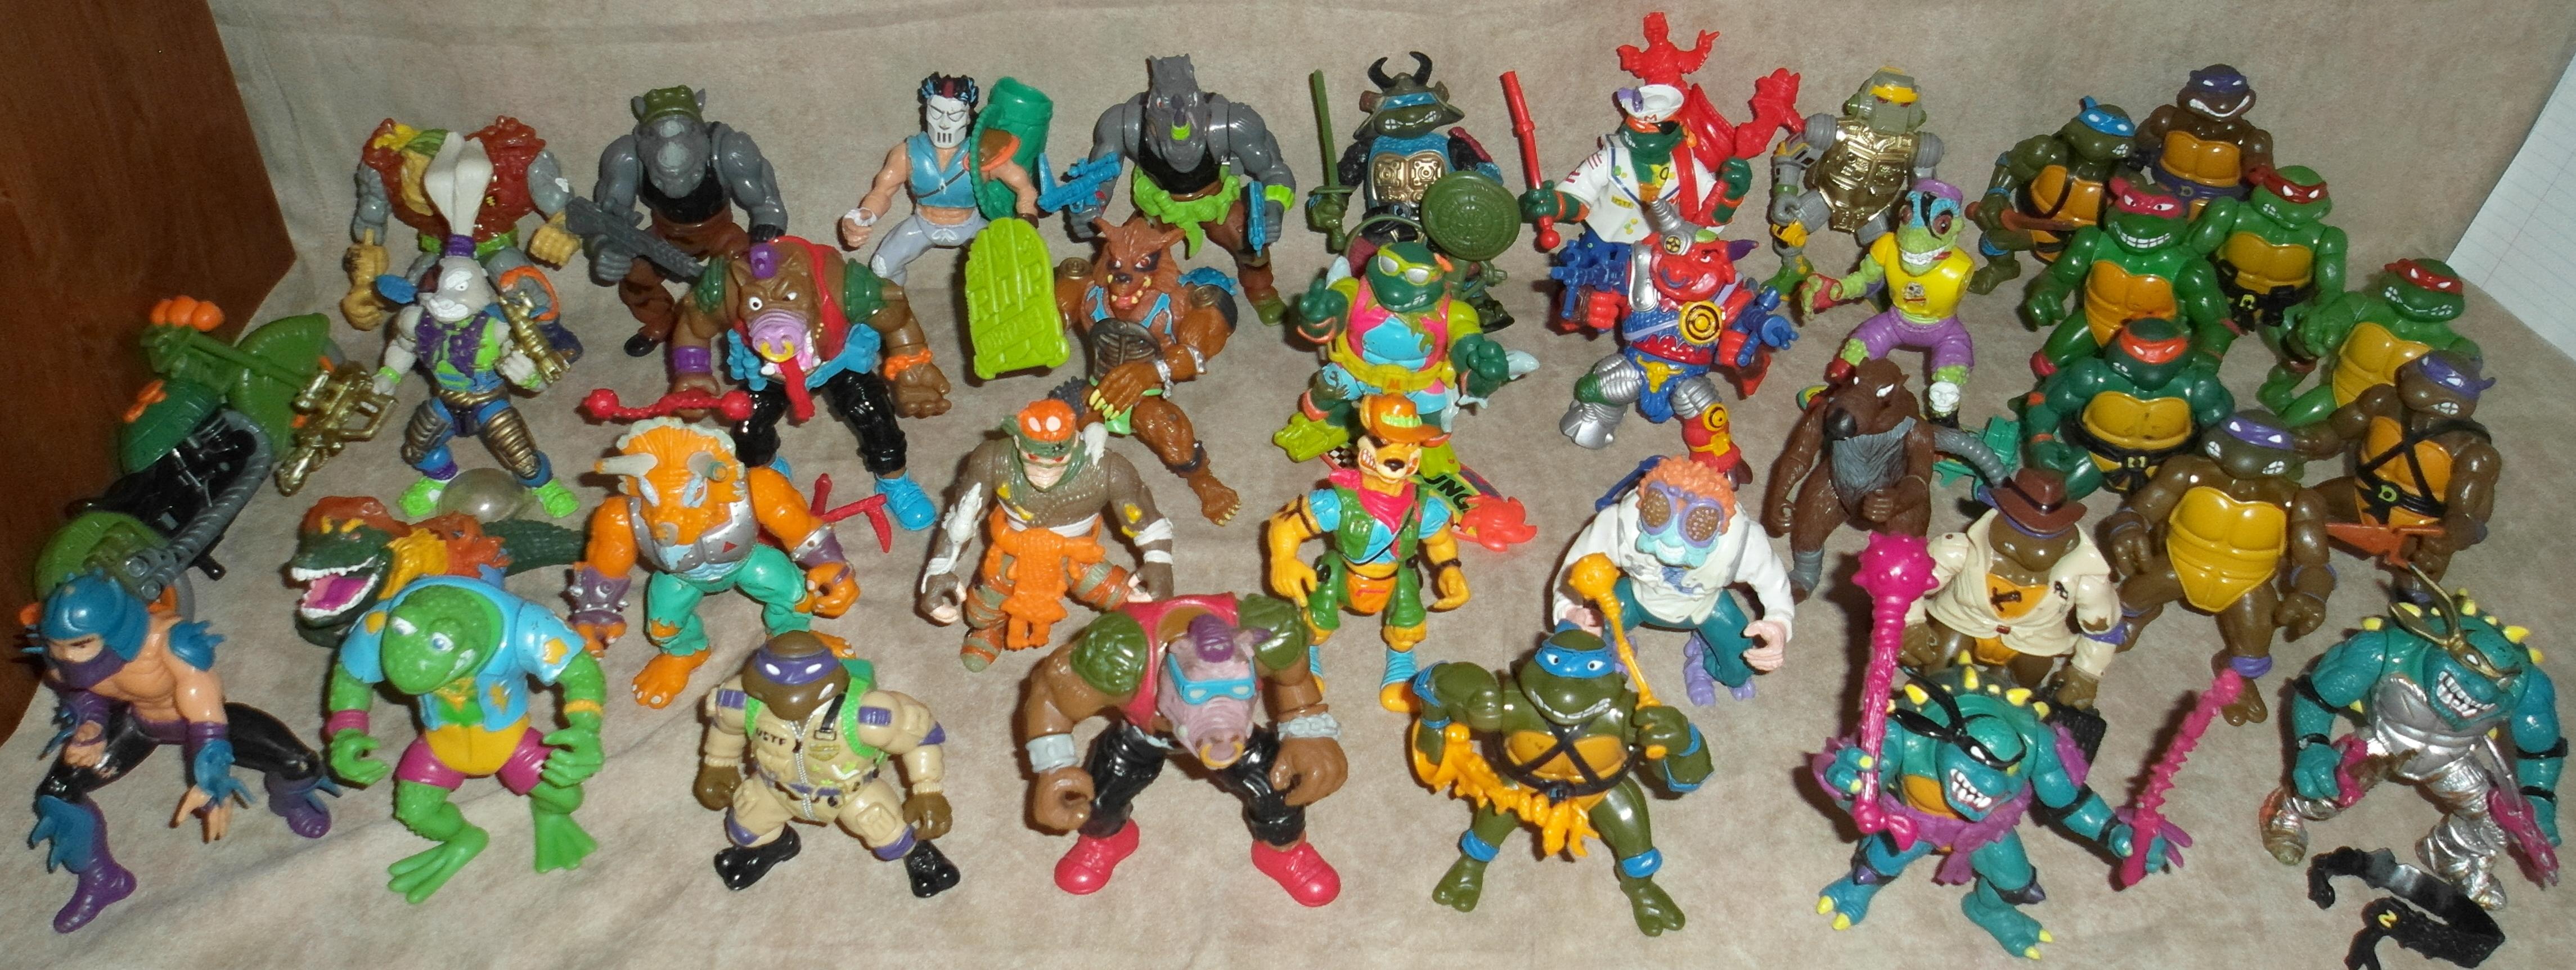 Vintage Tmnt Toys 121